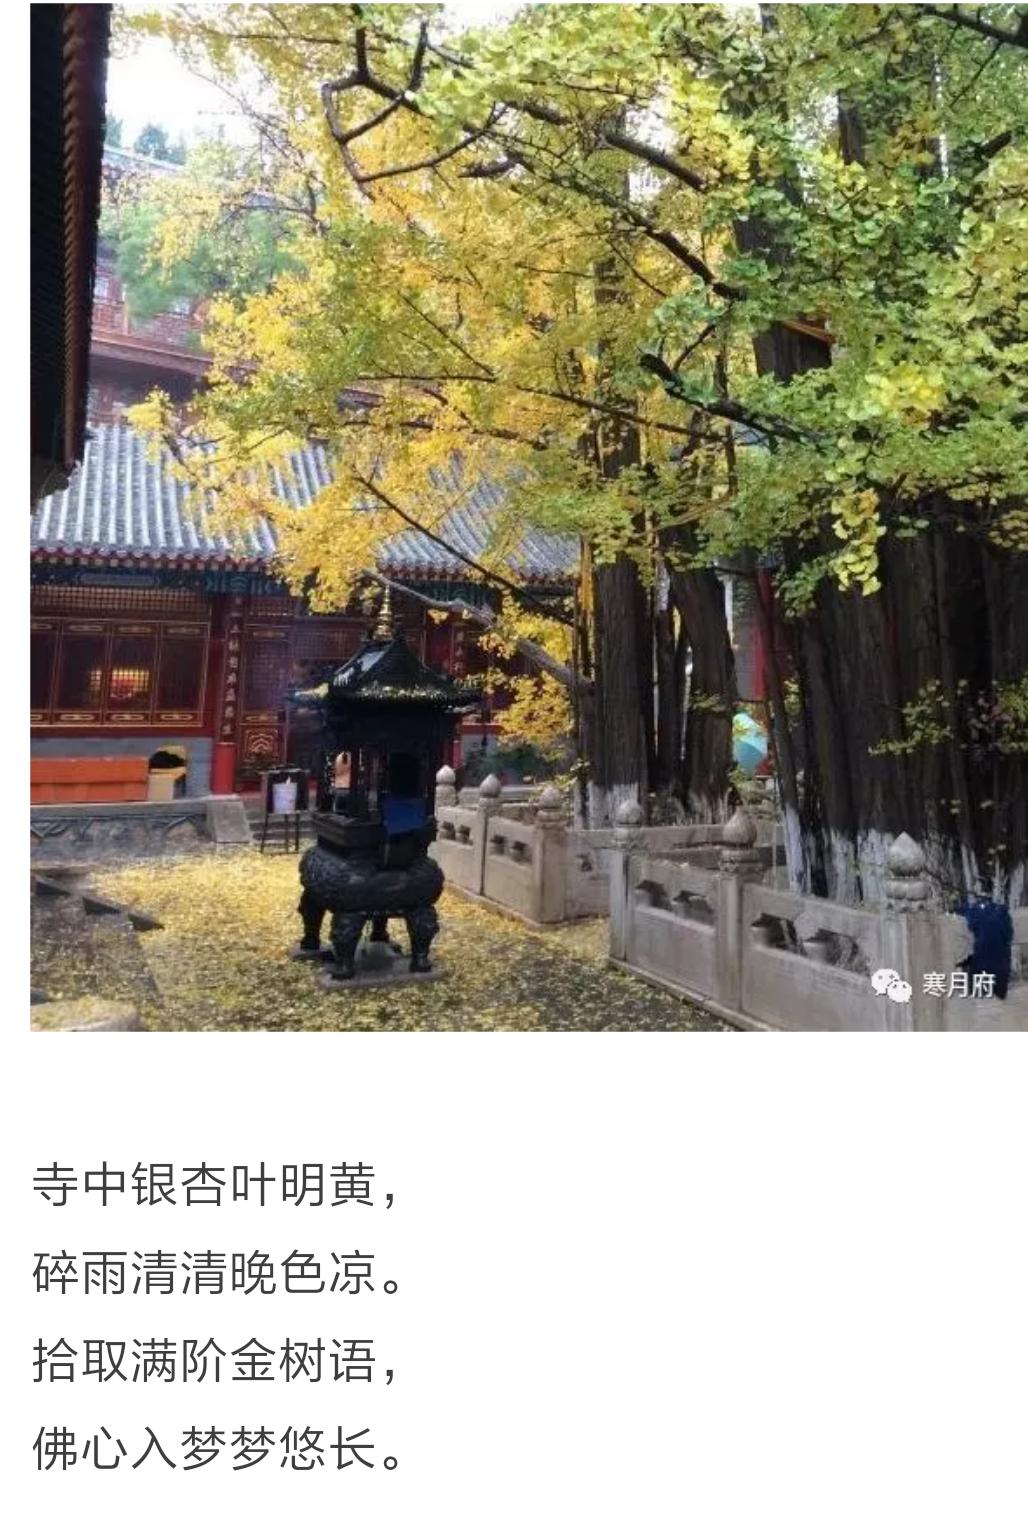 禅寺银杏(李巧明、笔名朱门寒月的诗)